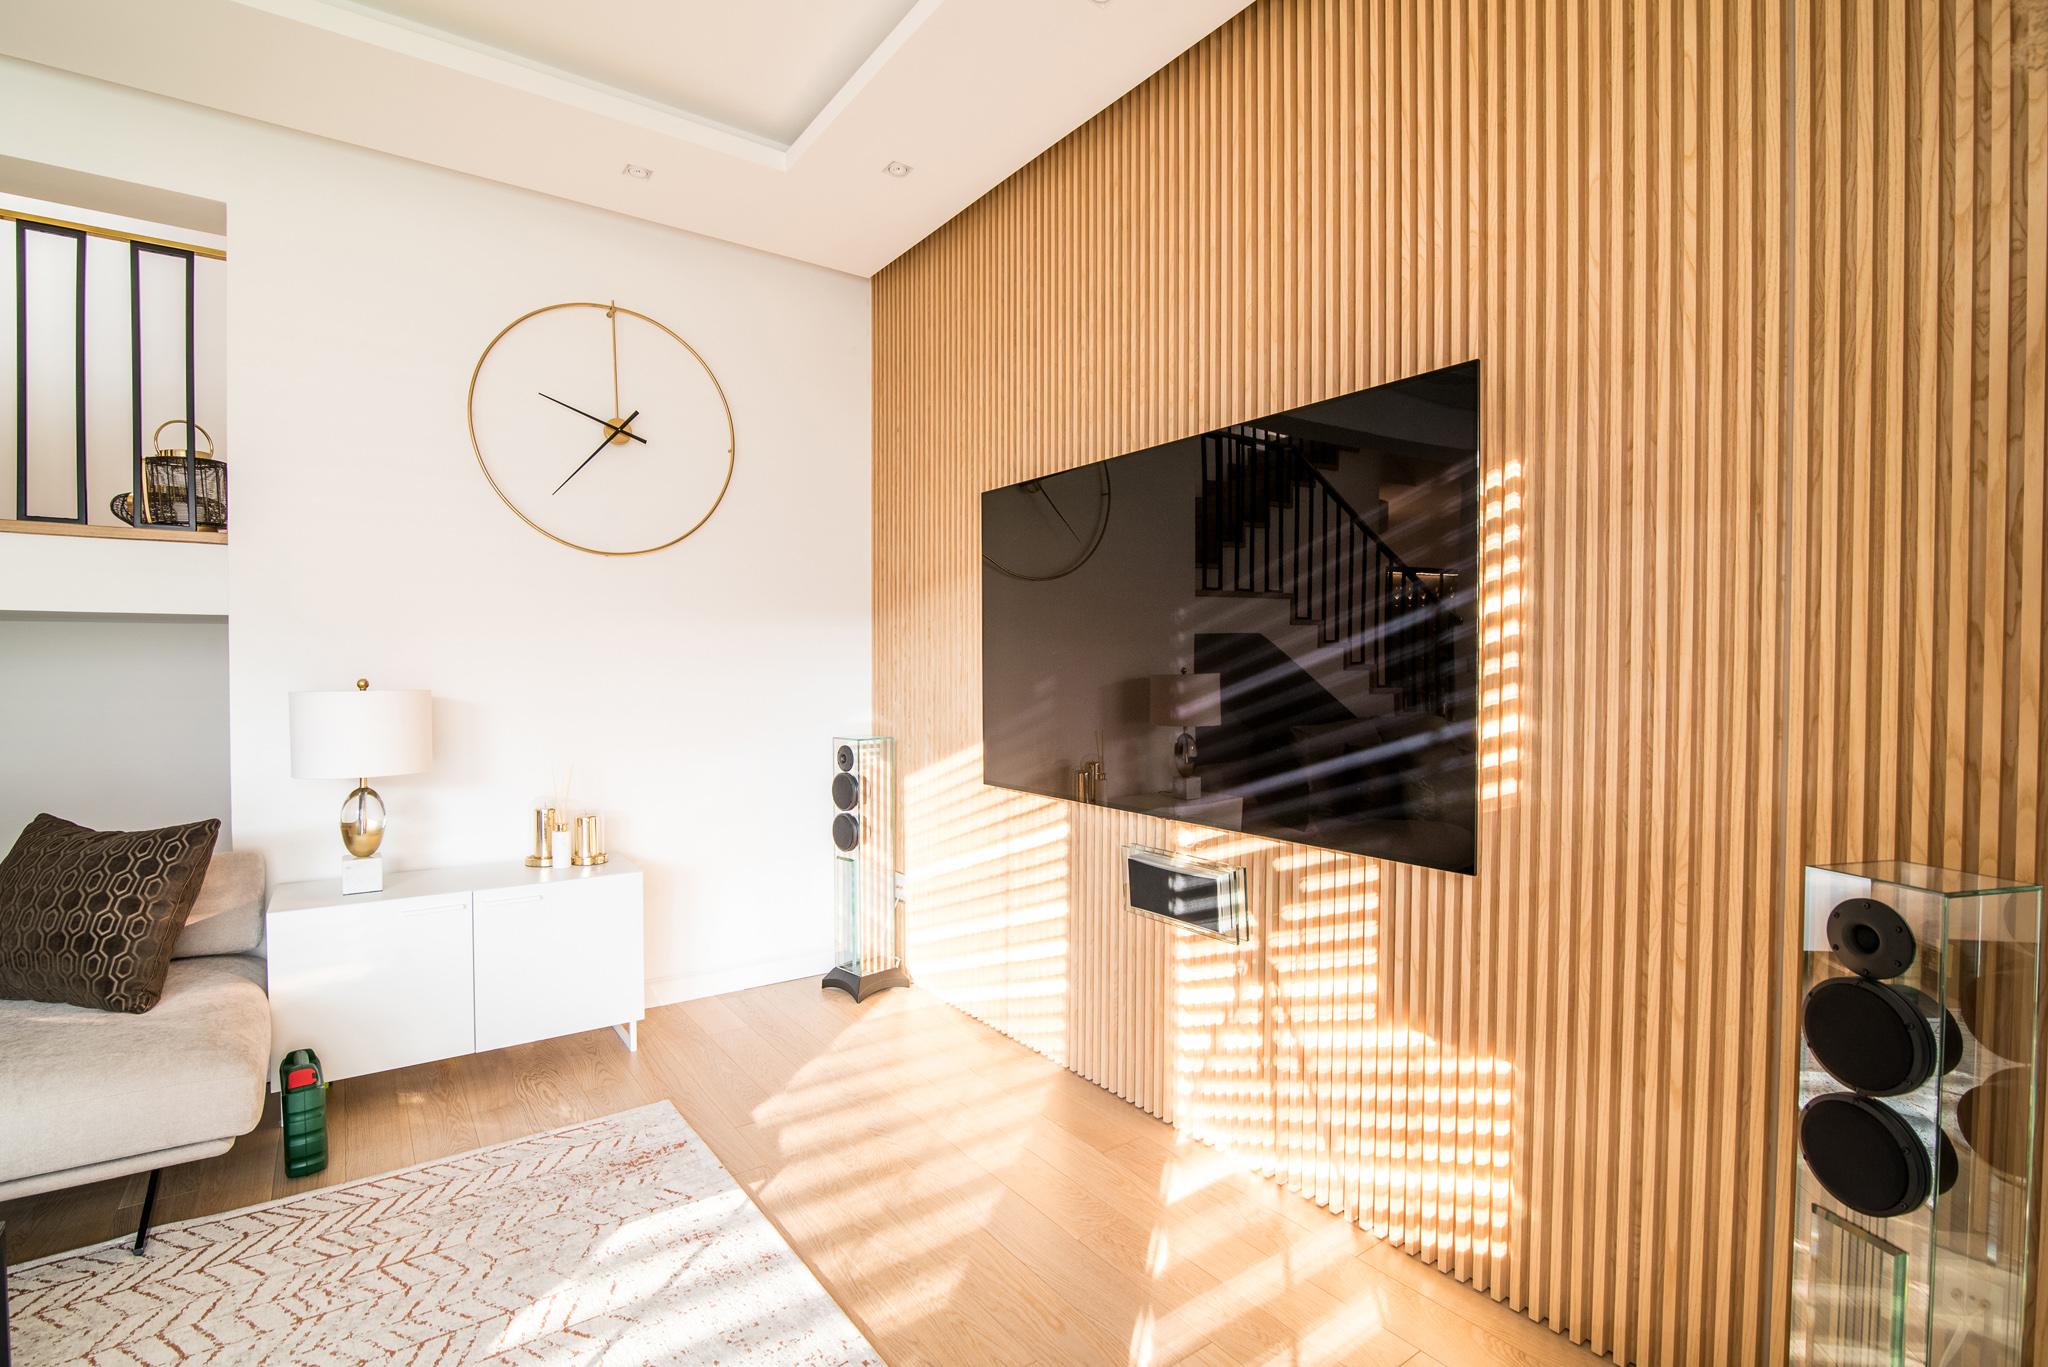 Aranżacja ściany telewizyjnej w lamelach